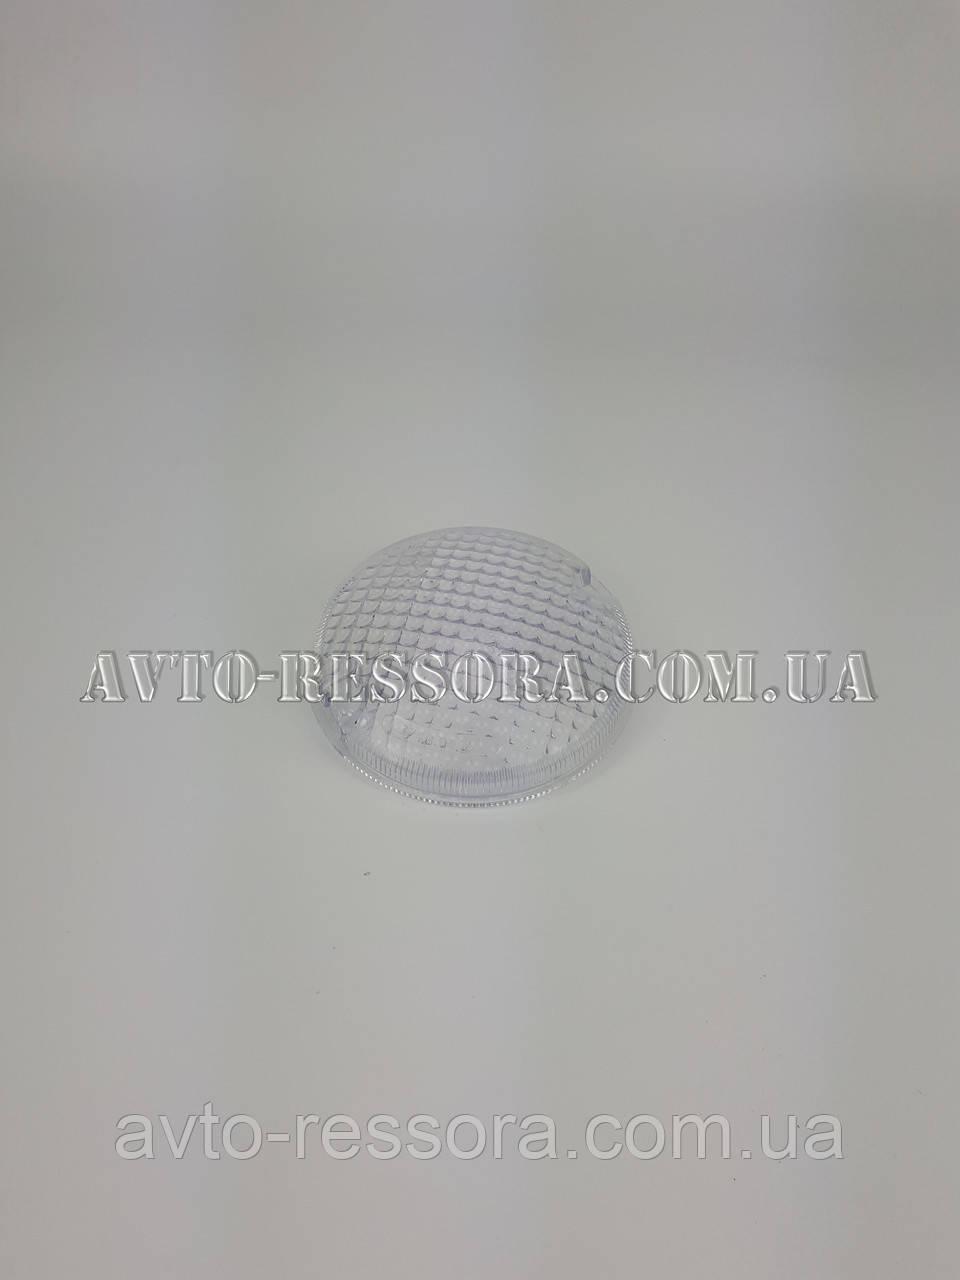 Скло заднього ліхтаря заднього ходу Богдан А-092, ОТАМАН, I-VAN (біле) пр-під Україна